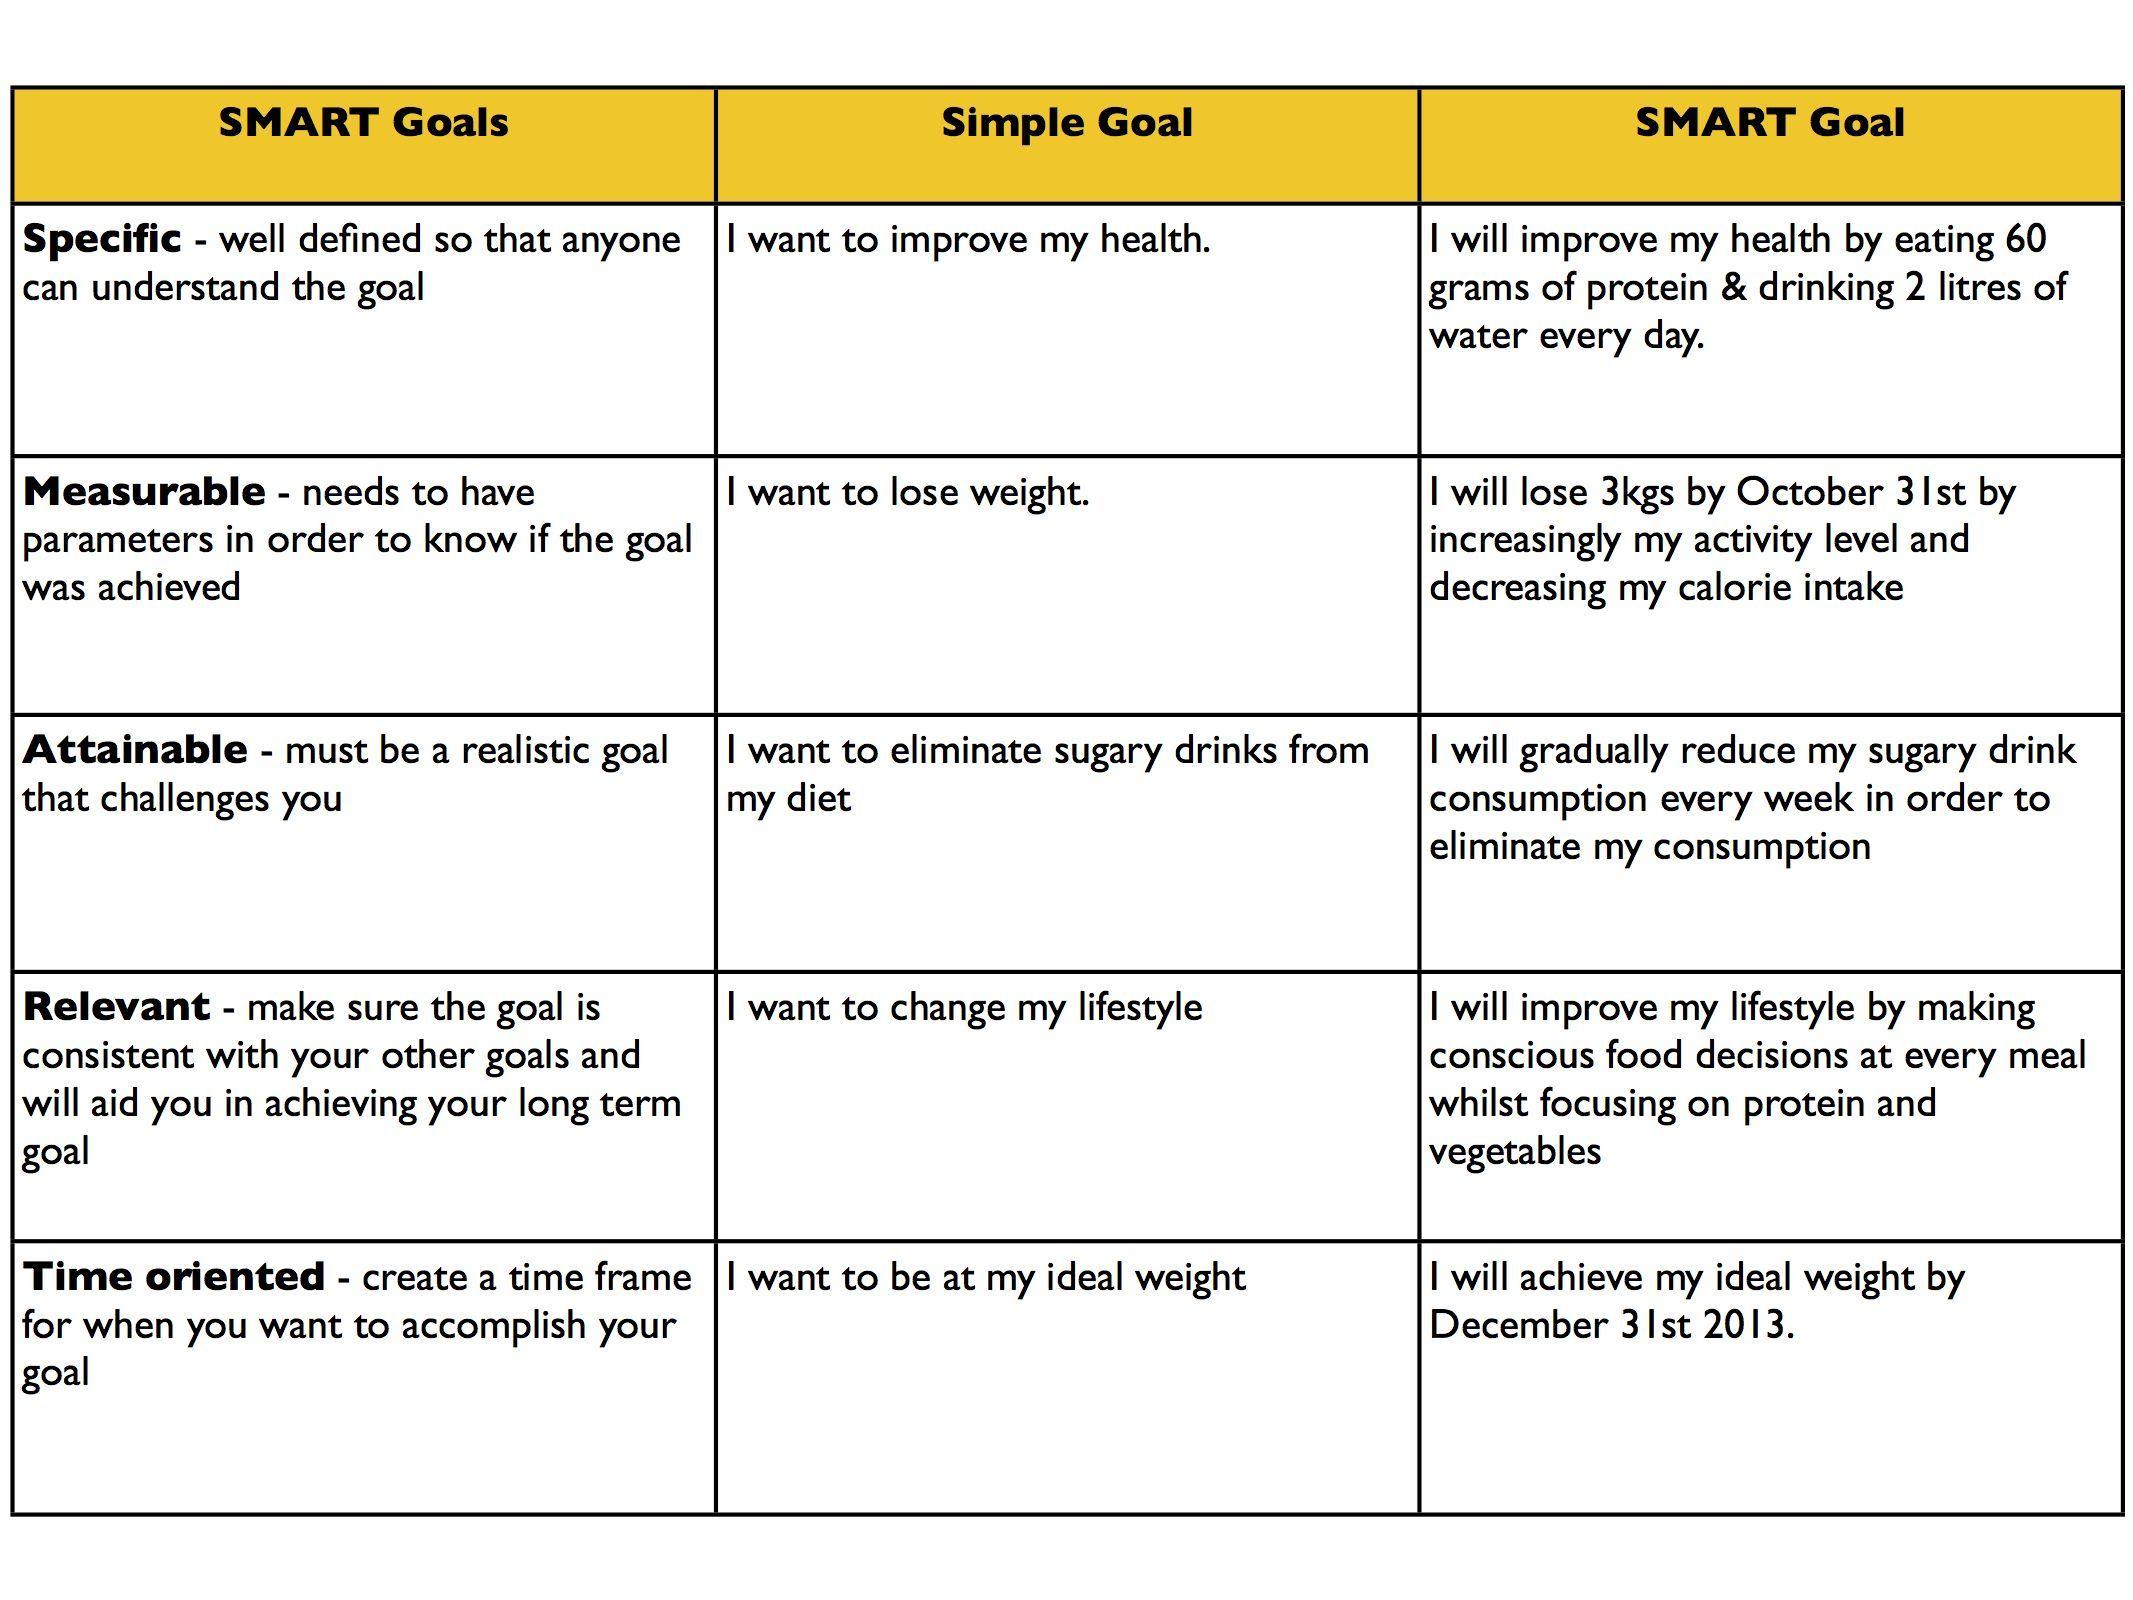 Http Www Efoza Com Postpic 2015 04 Smart Goals Examples 2411 Jpg Smart Goals Examples Smart Goals Goal Examples In 2021 Smart Goals Health Smart Goals Examples